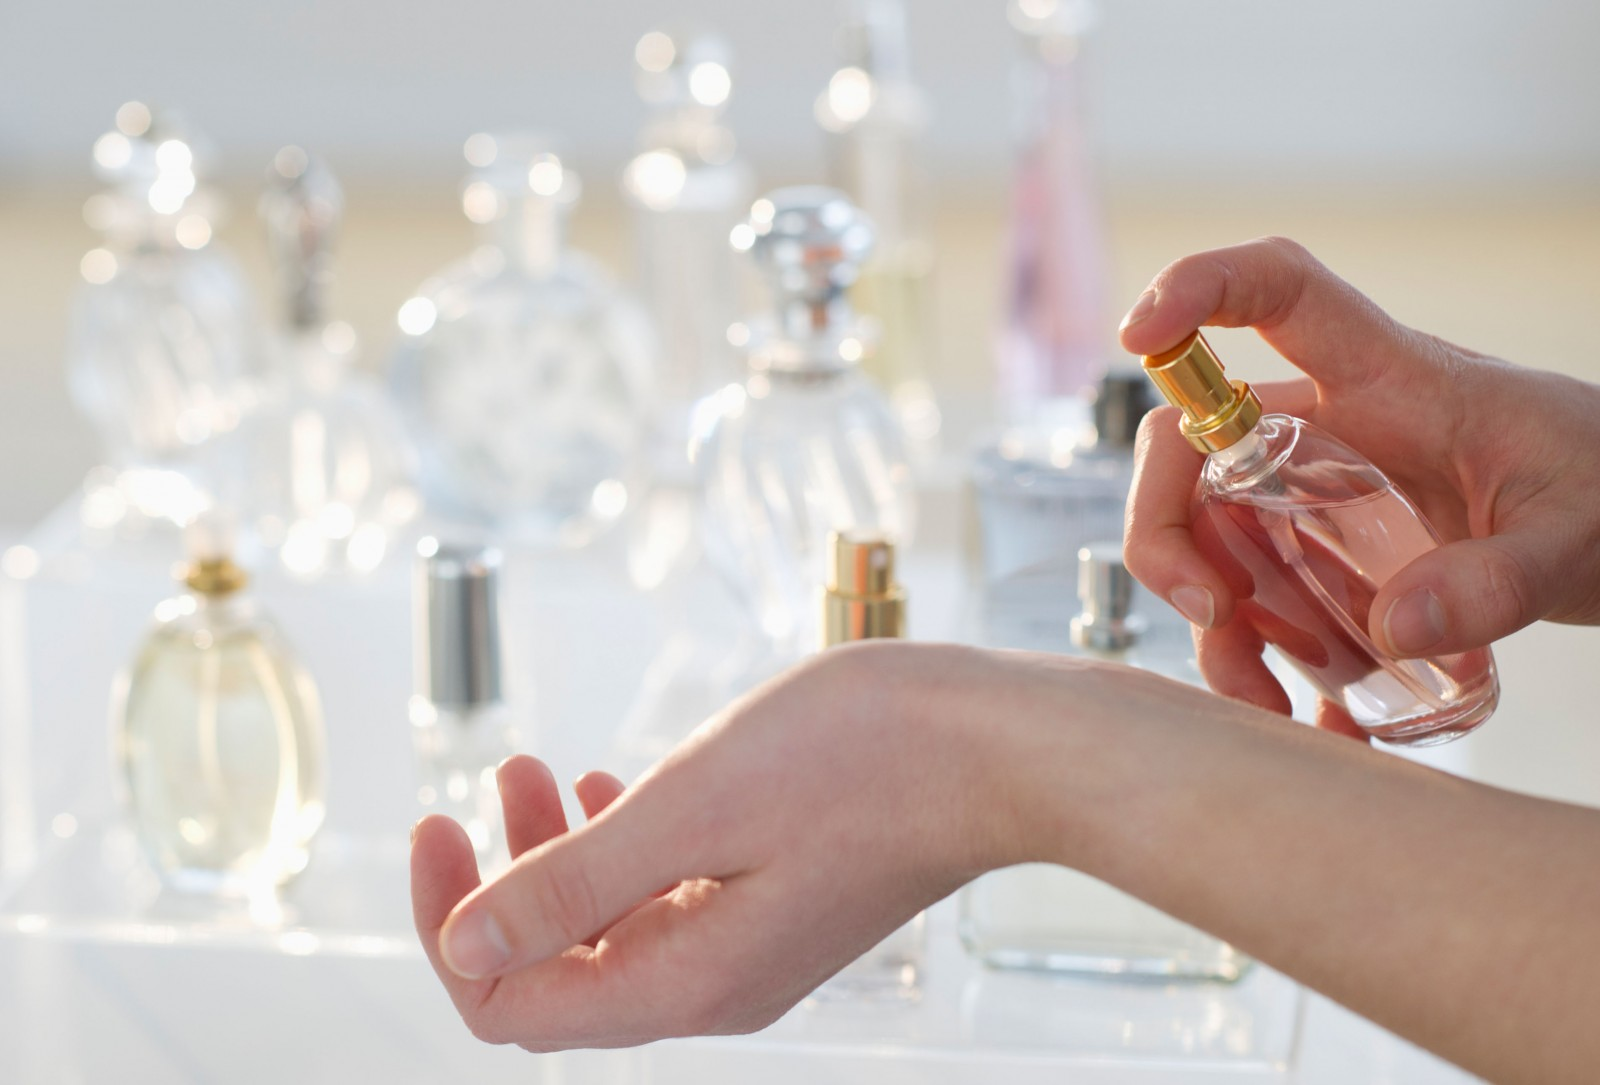 appliquer_parfum